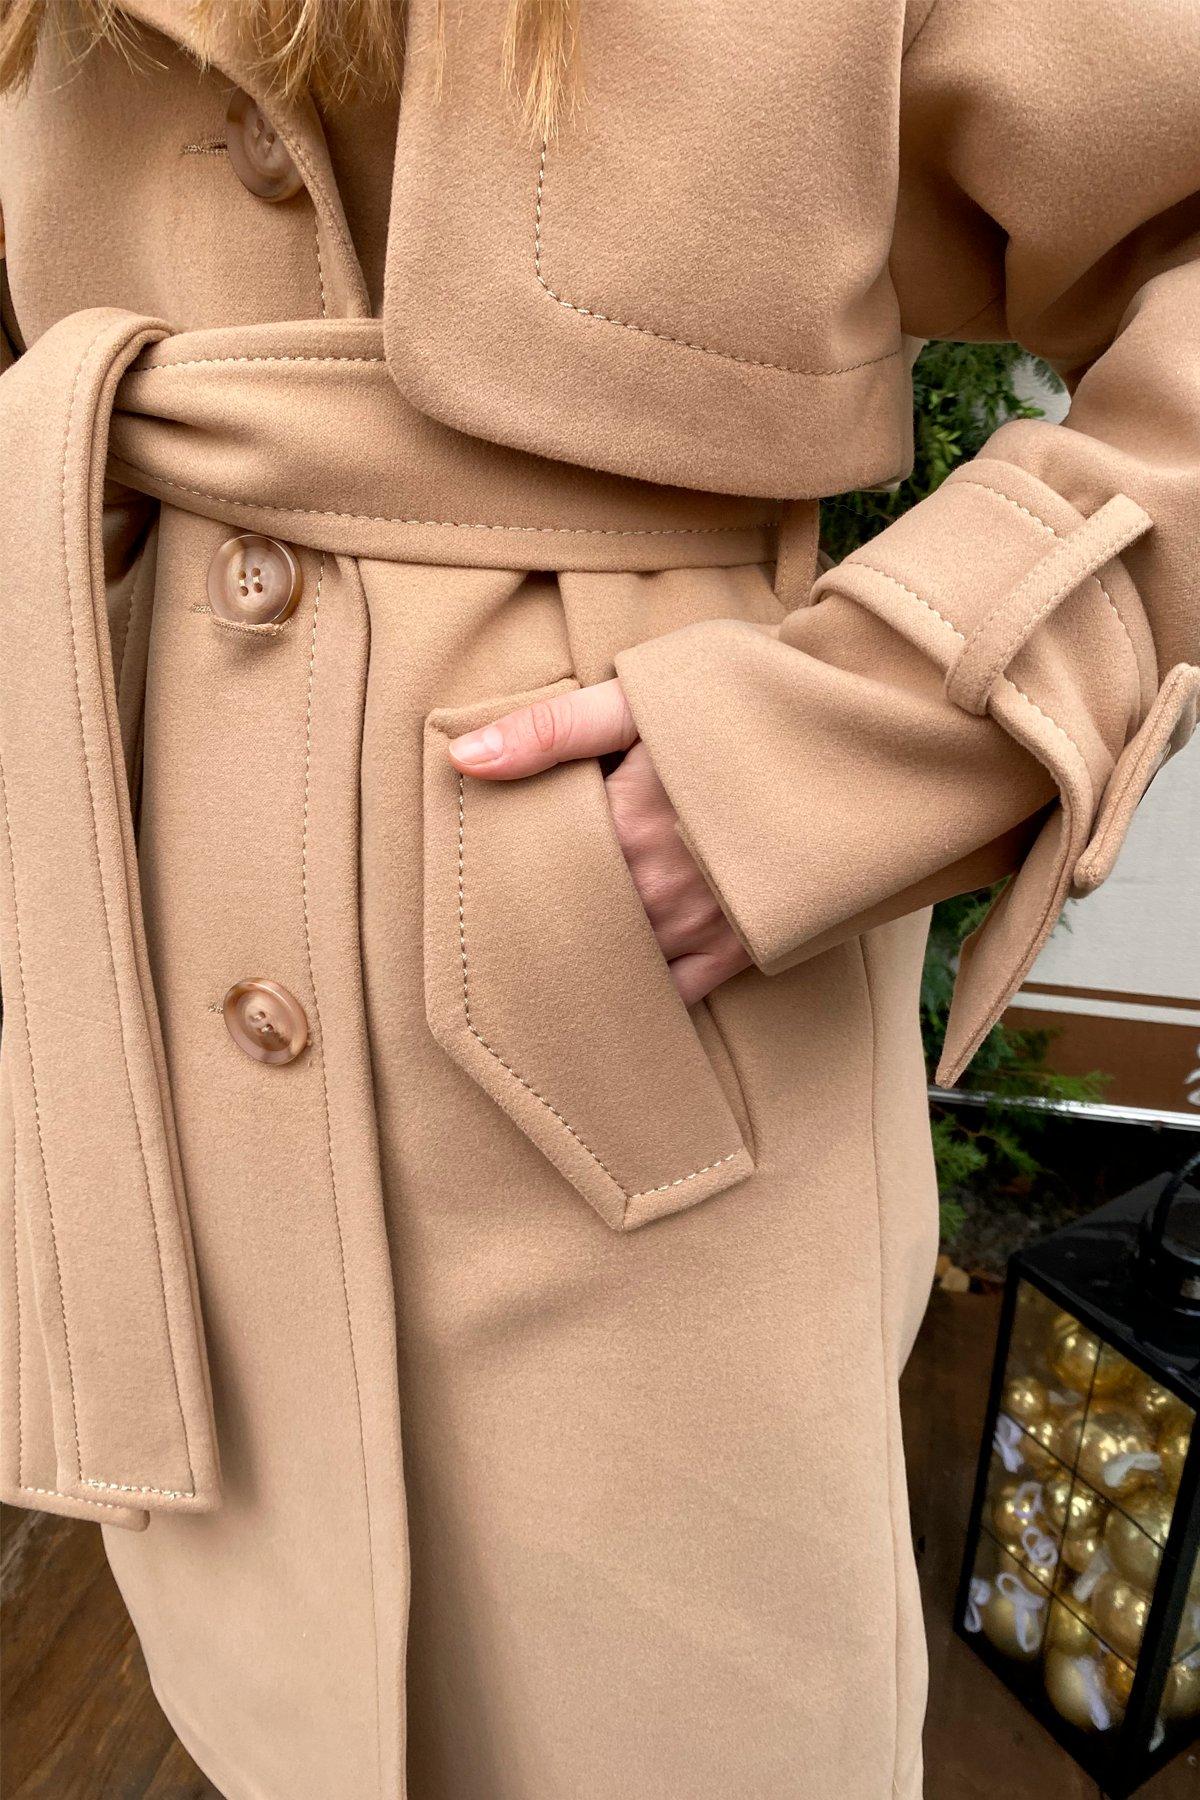 Твин макси кашемир турецкий пальто 10169 АРТ. 46459 Цвет: Кемел - фото 13, интернет магазин tm-modus.ru